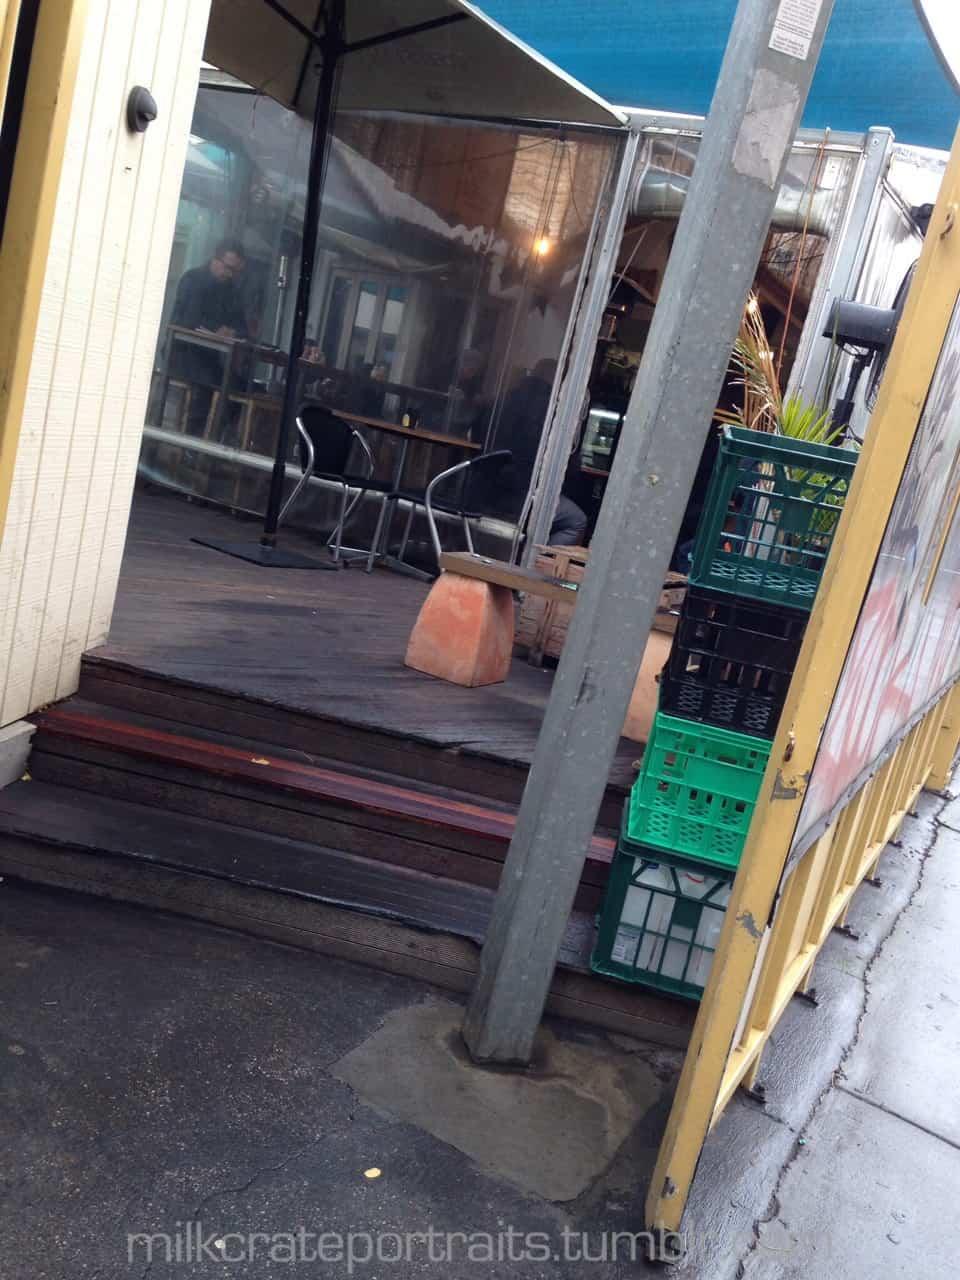 Coffee shop milk crates